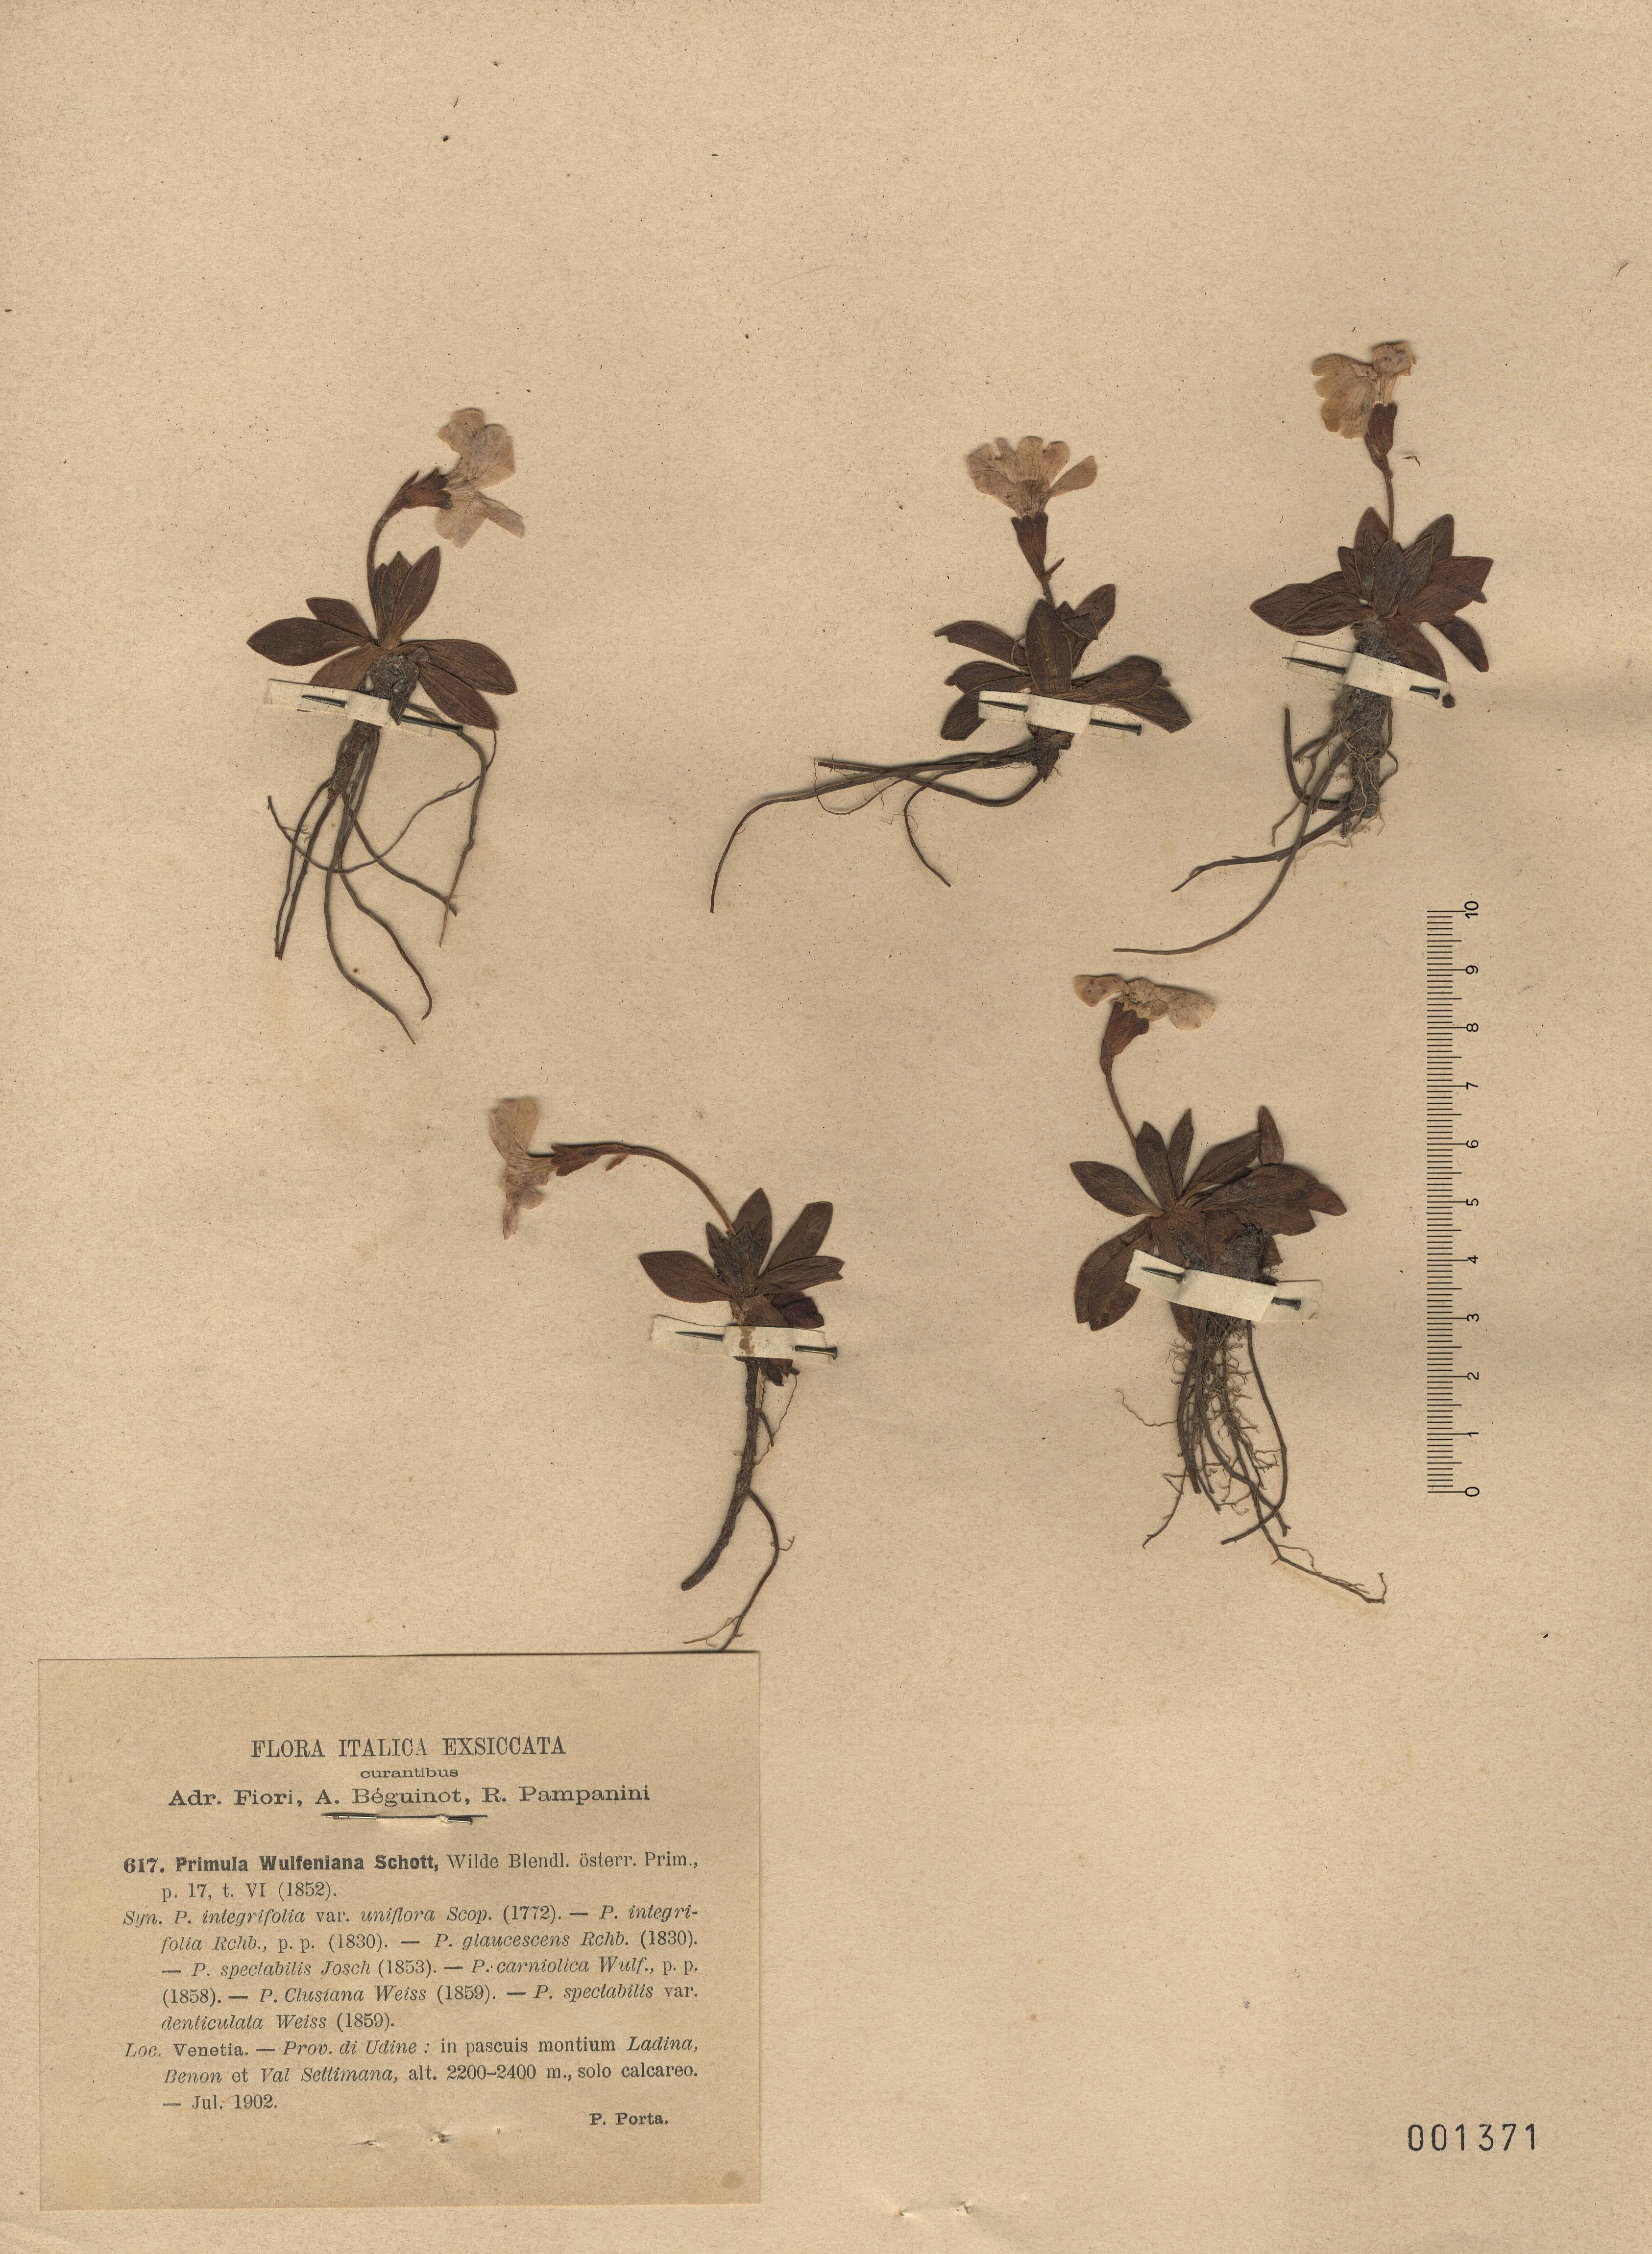 © Hortus Botanicus Catinensis - Herb. sheet 001371<br>